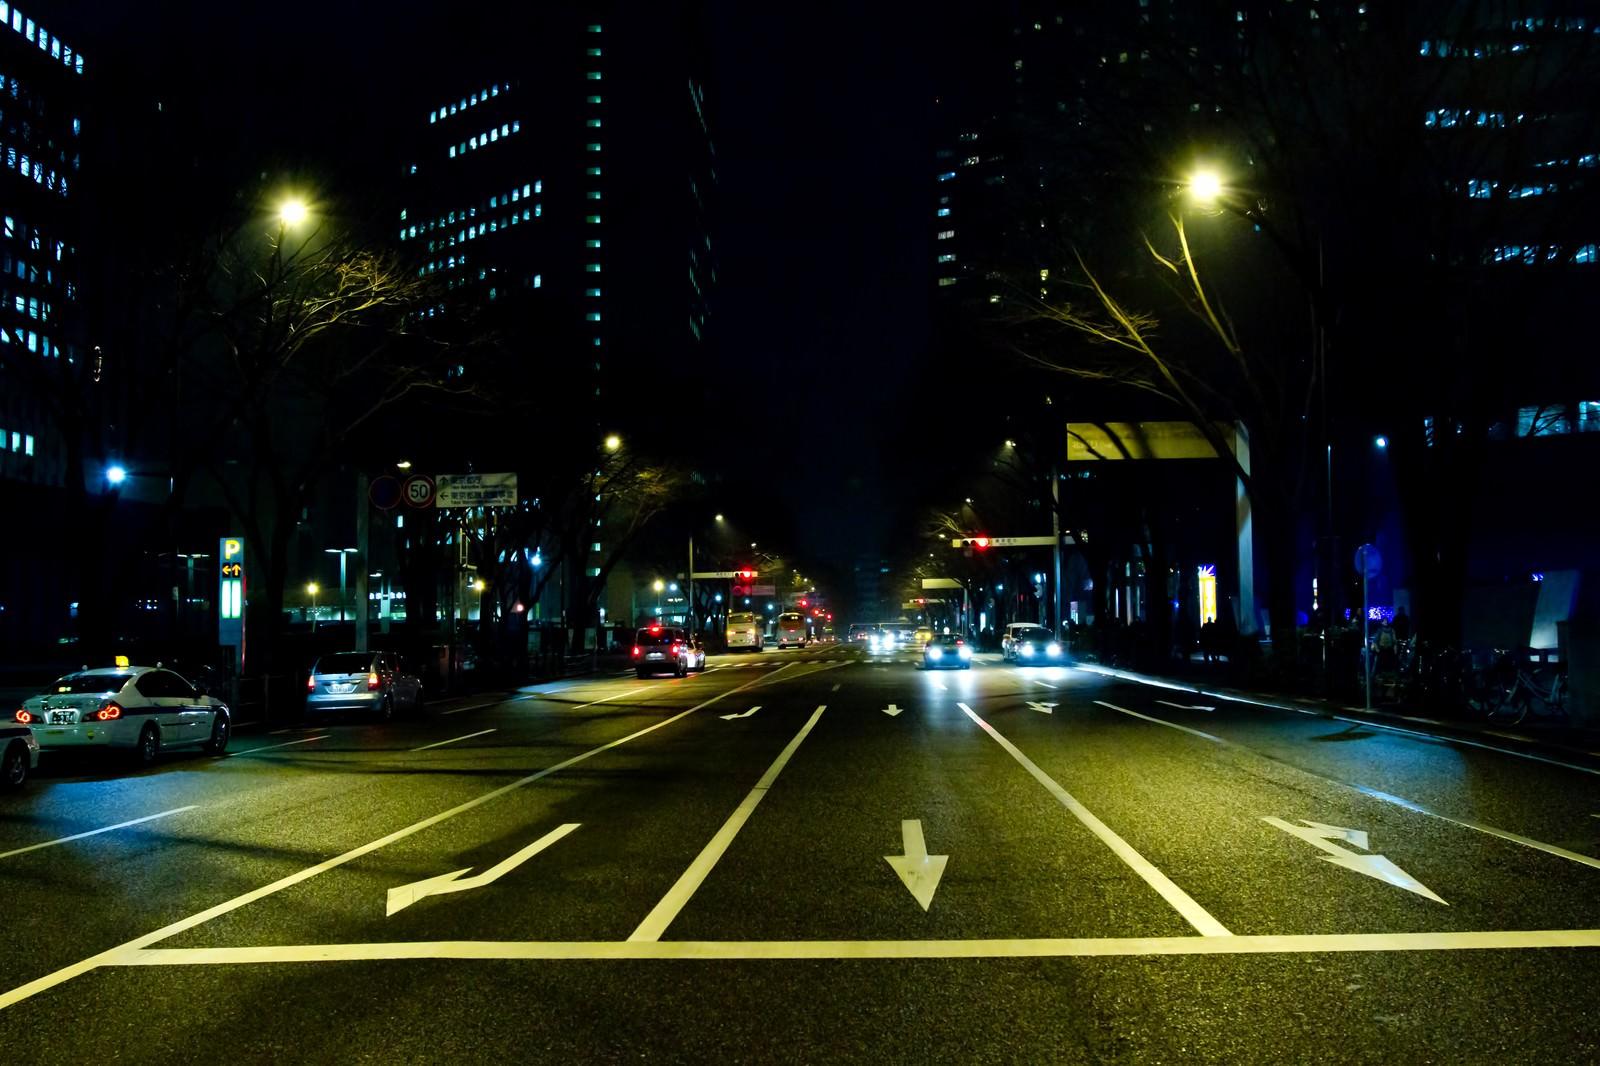 「三車線の大通り(夜間)」の写真